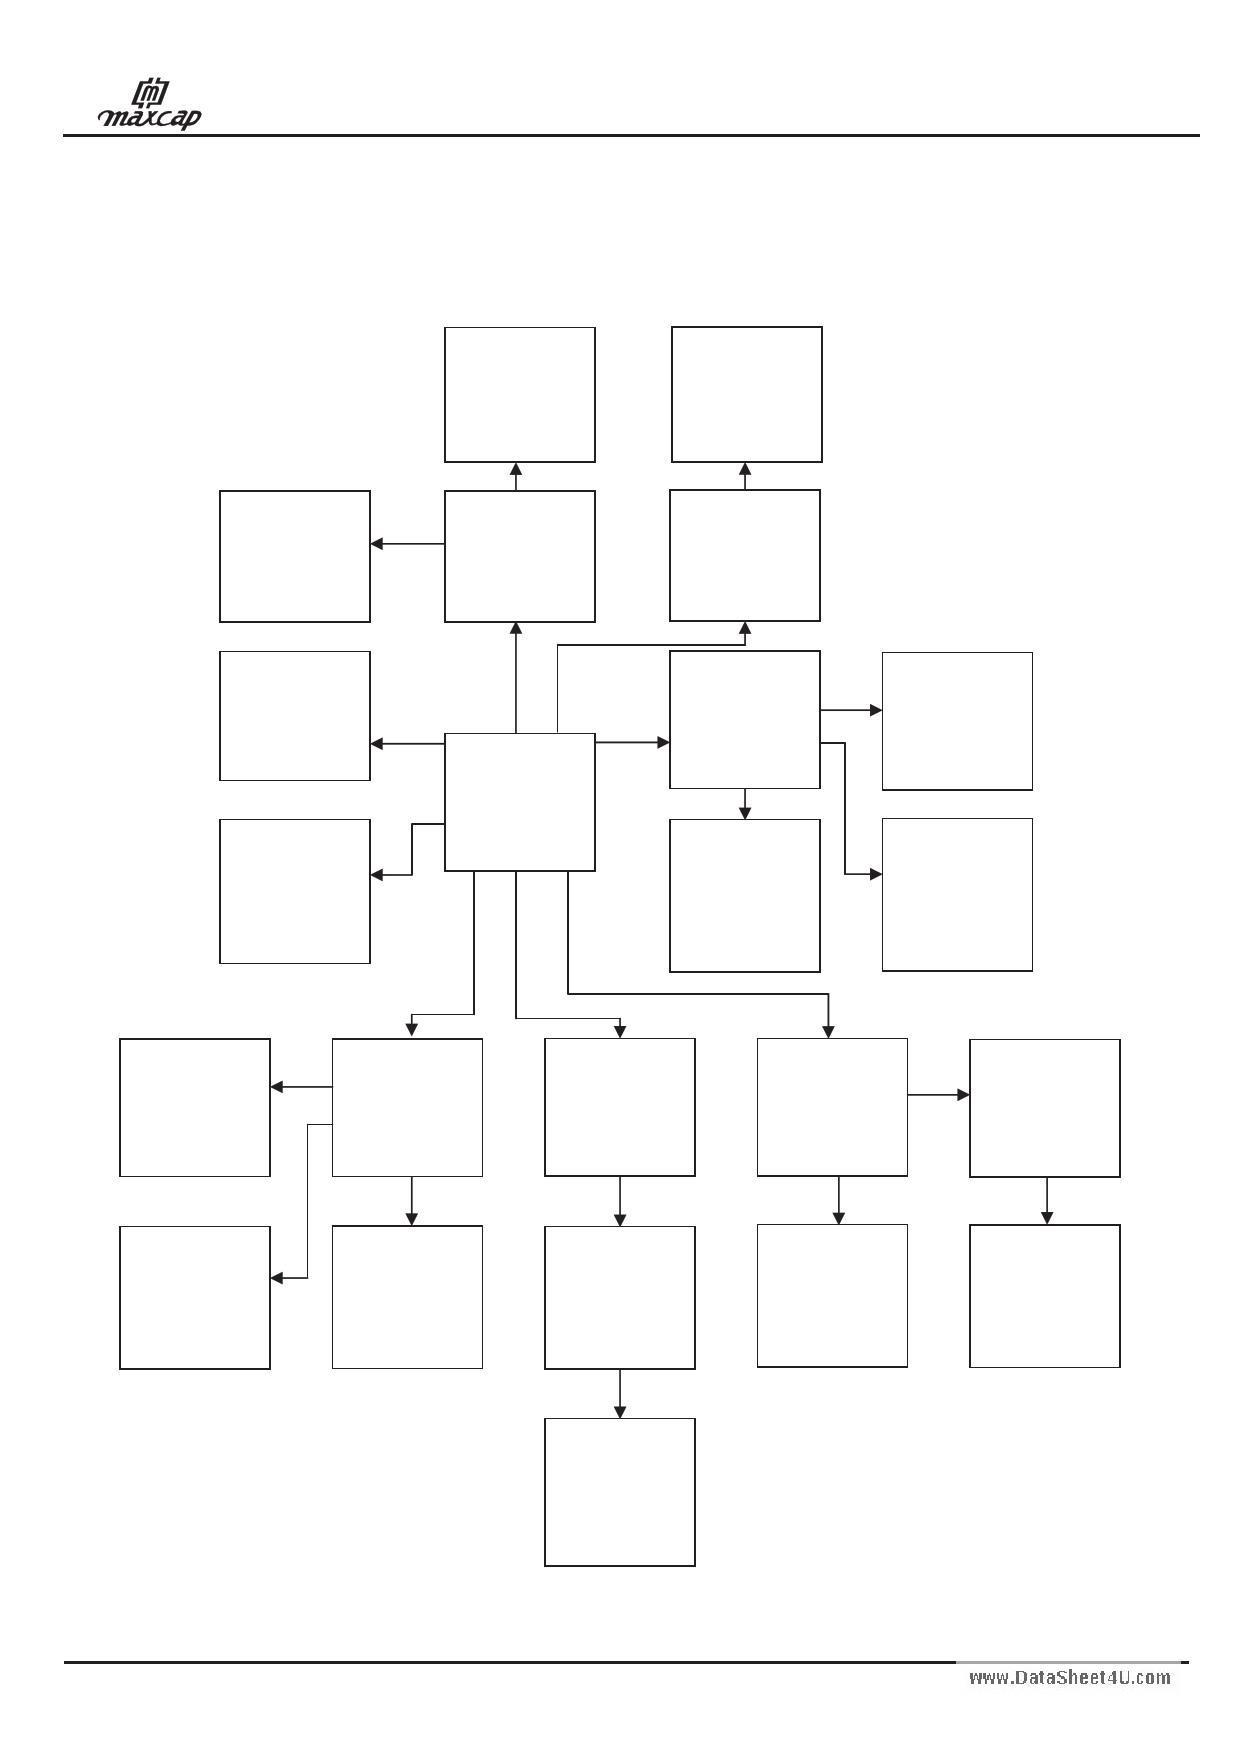 E050225M pdf